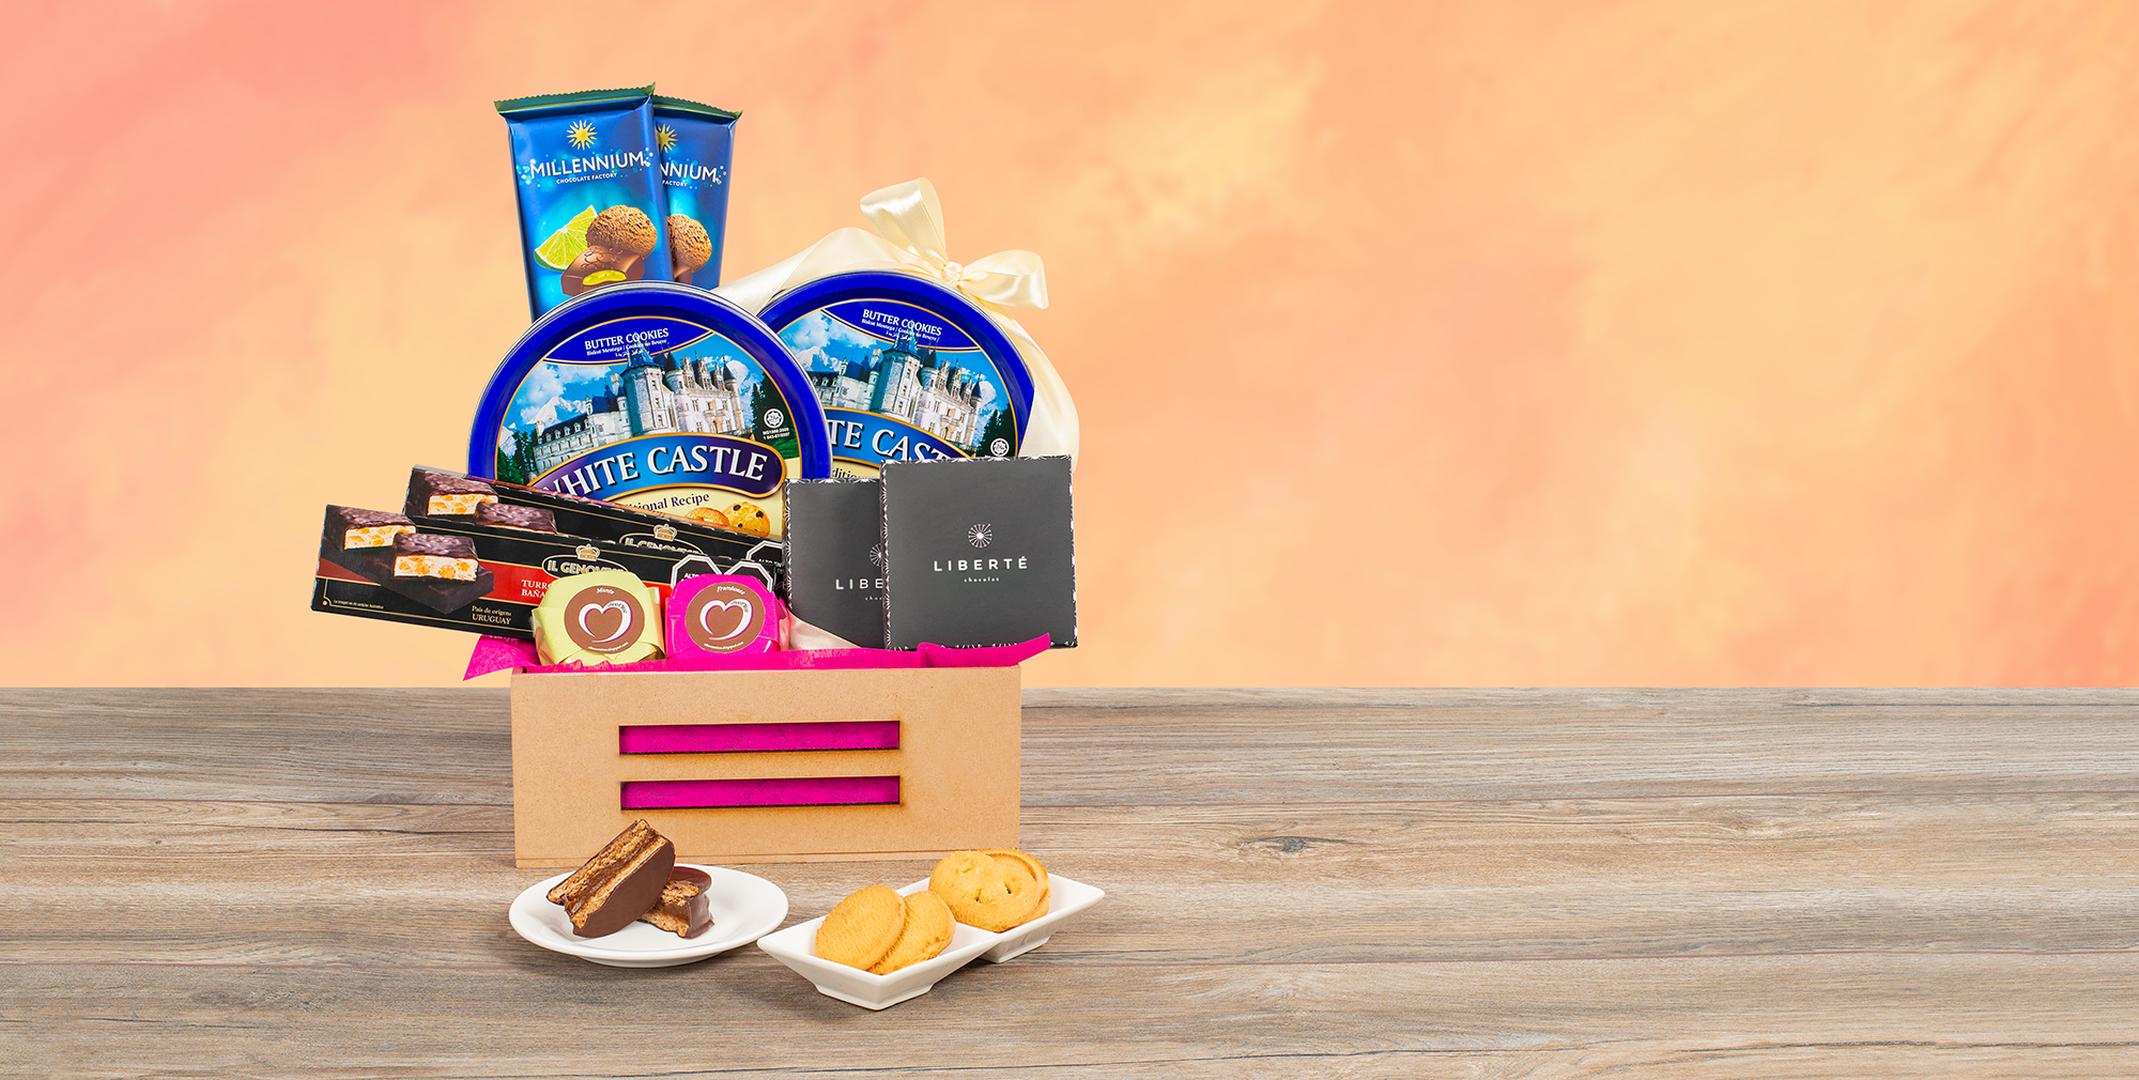 Papel celofán (2.0), Papel celofán (2.0), Adornado con cinta satín (2.0), Ruscus (1.0), Papel arroz (3.0), Galletas Butter Cookies 340gr (2.0), Alfajor artesanal (2.0), Tableta De Chocolate De Leche Rellena De Mousse Y Limon 135gr. (2.0), Caja de truffa liberté mix (2.0), Turron blando bañado en chocolate 100gr (2.0)